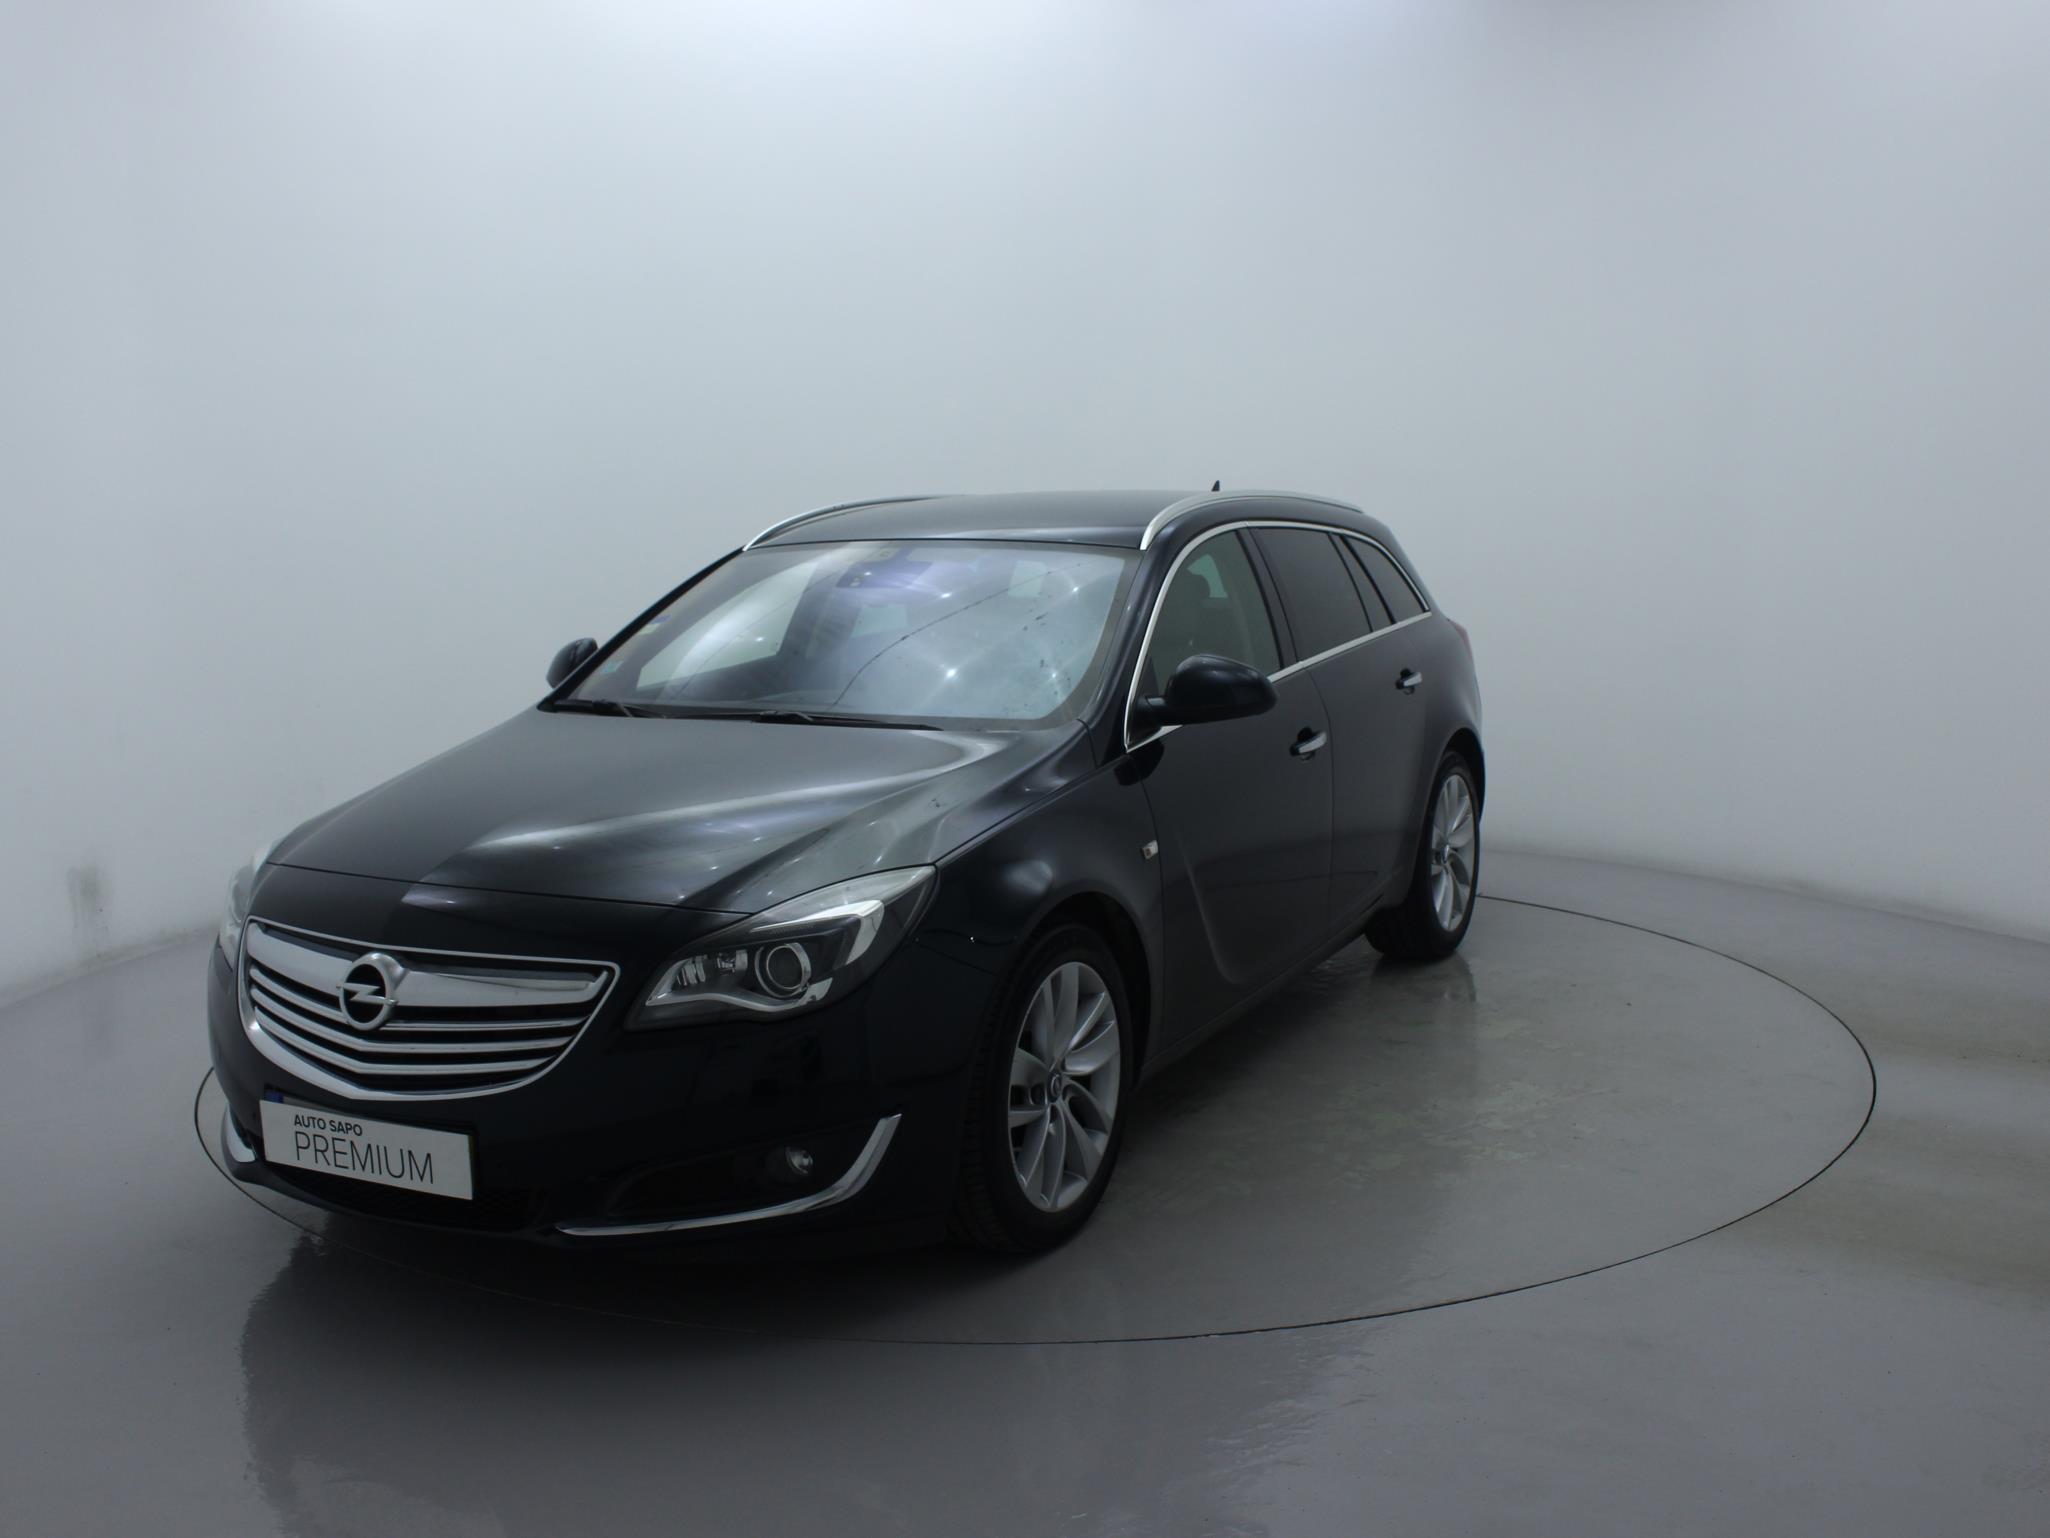 Opel Insignia 2.0 CDTi Cosmos S/S